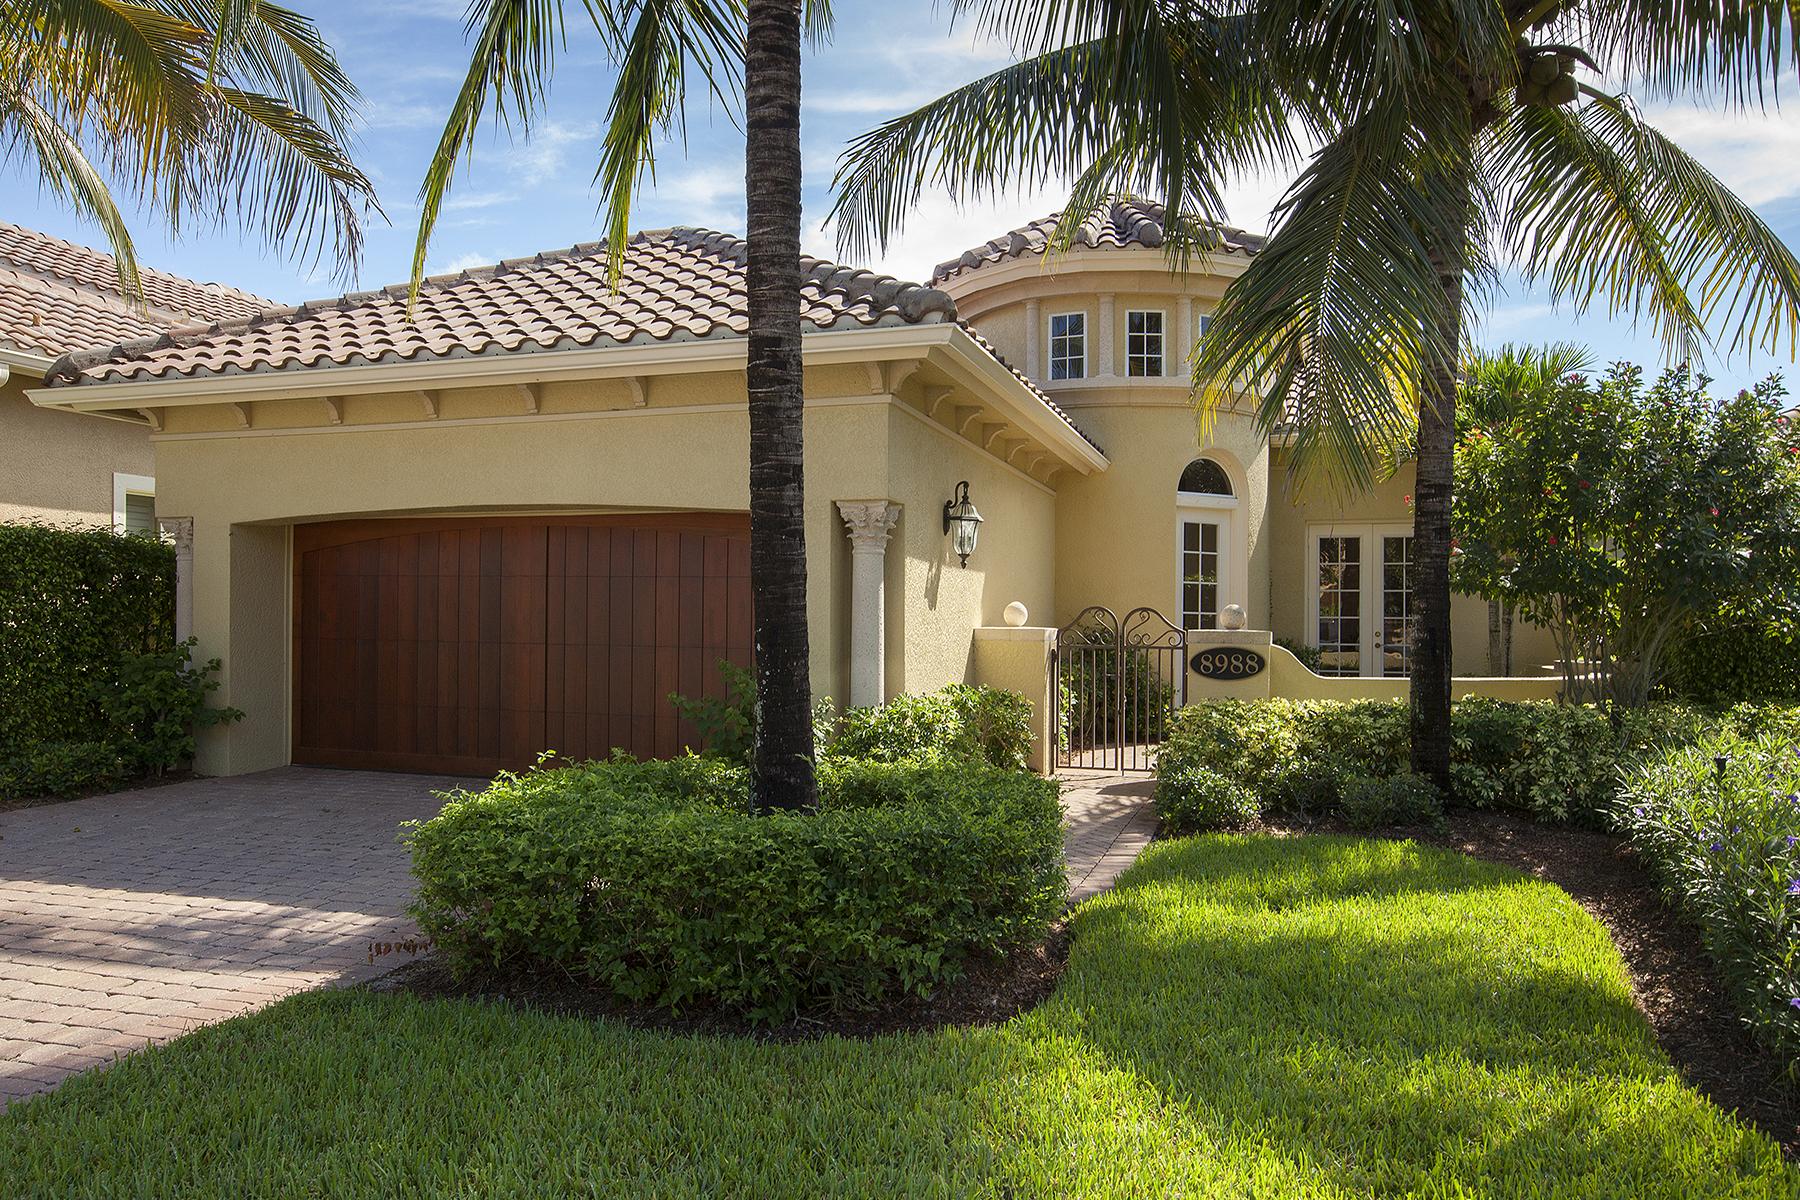 Частный односемейный дом для того Продажа на CRANBERRY CROSSING 8988 Cherry Oaks Trl Naples, Флорида, 34114 Соединенные Штаты